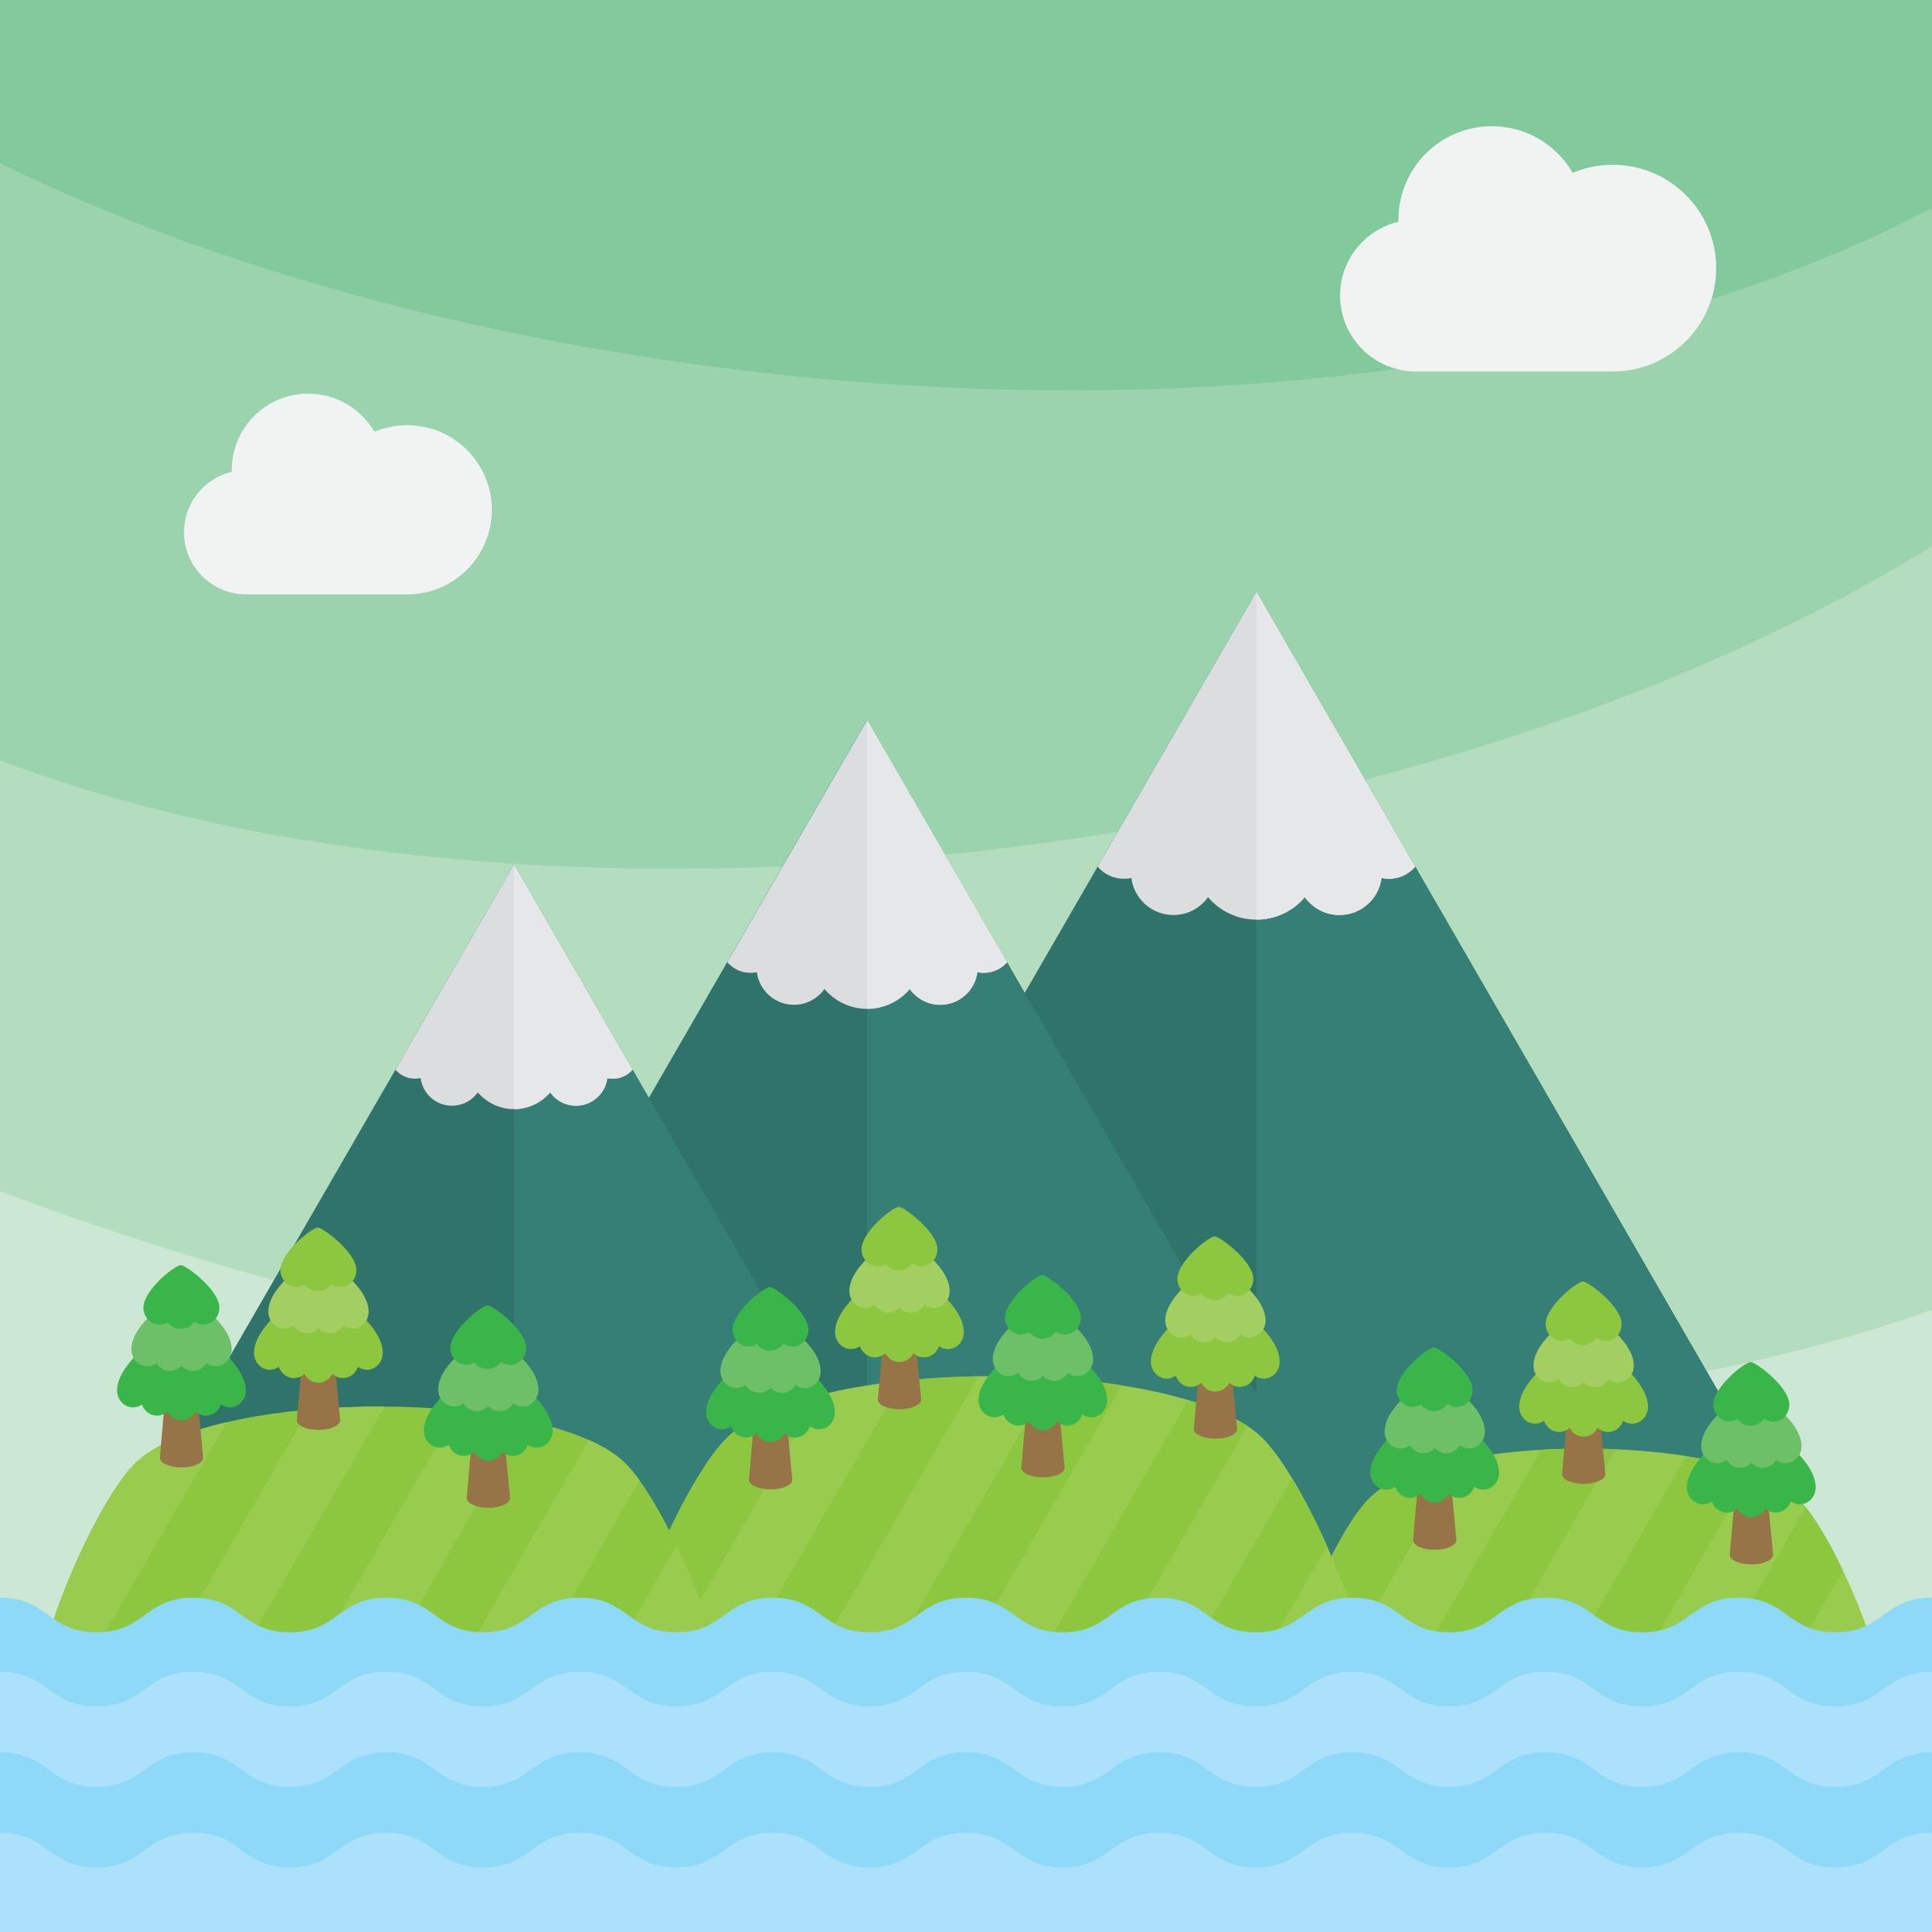 free vector clipart mountain - photo #13